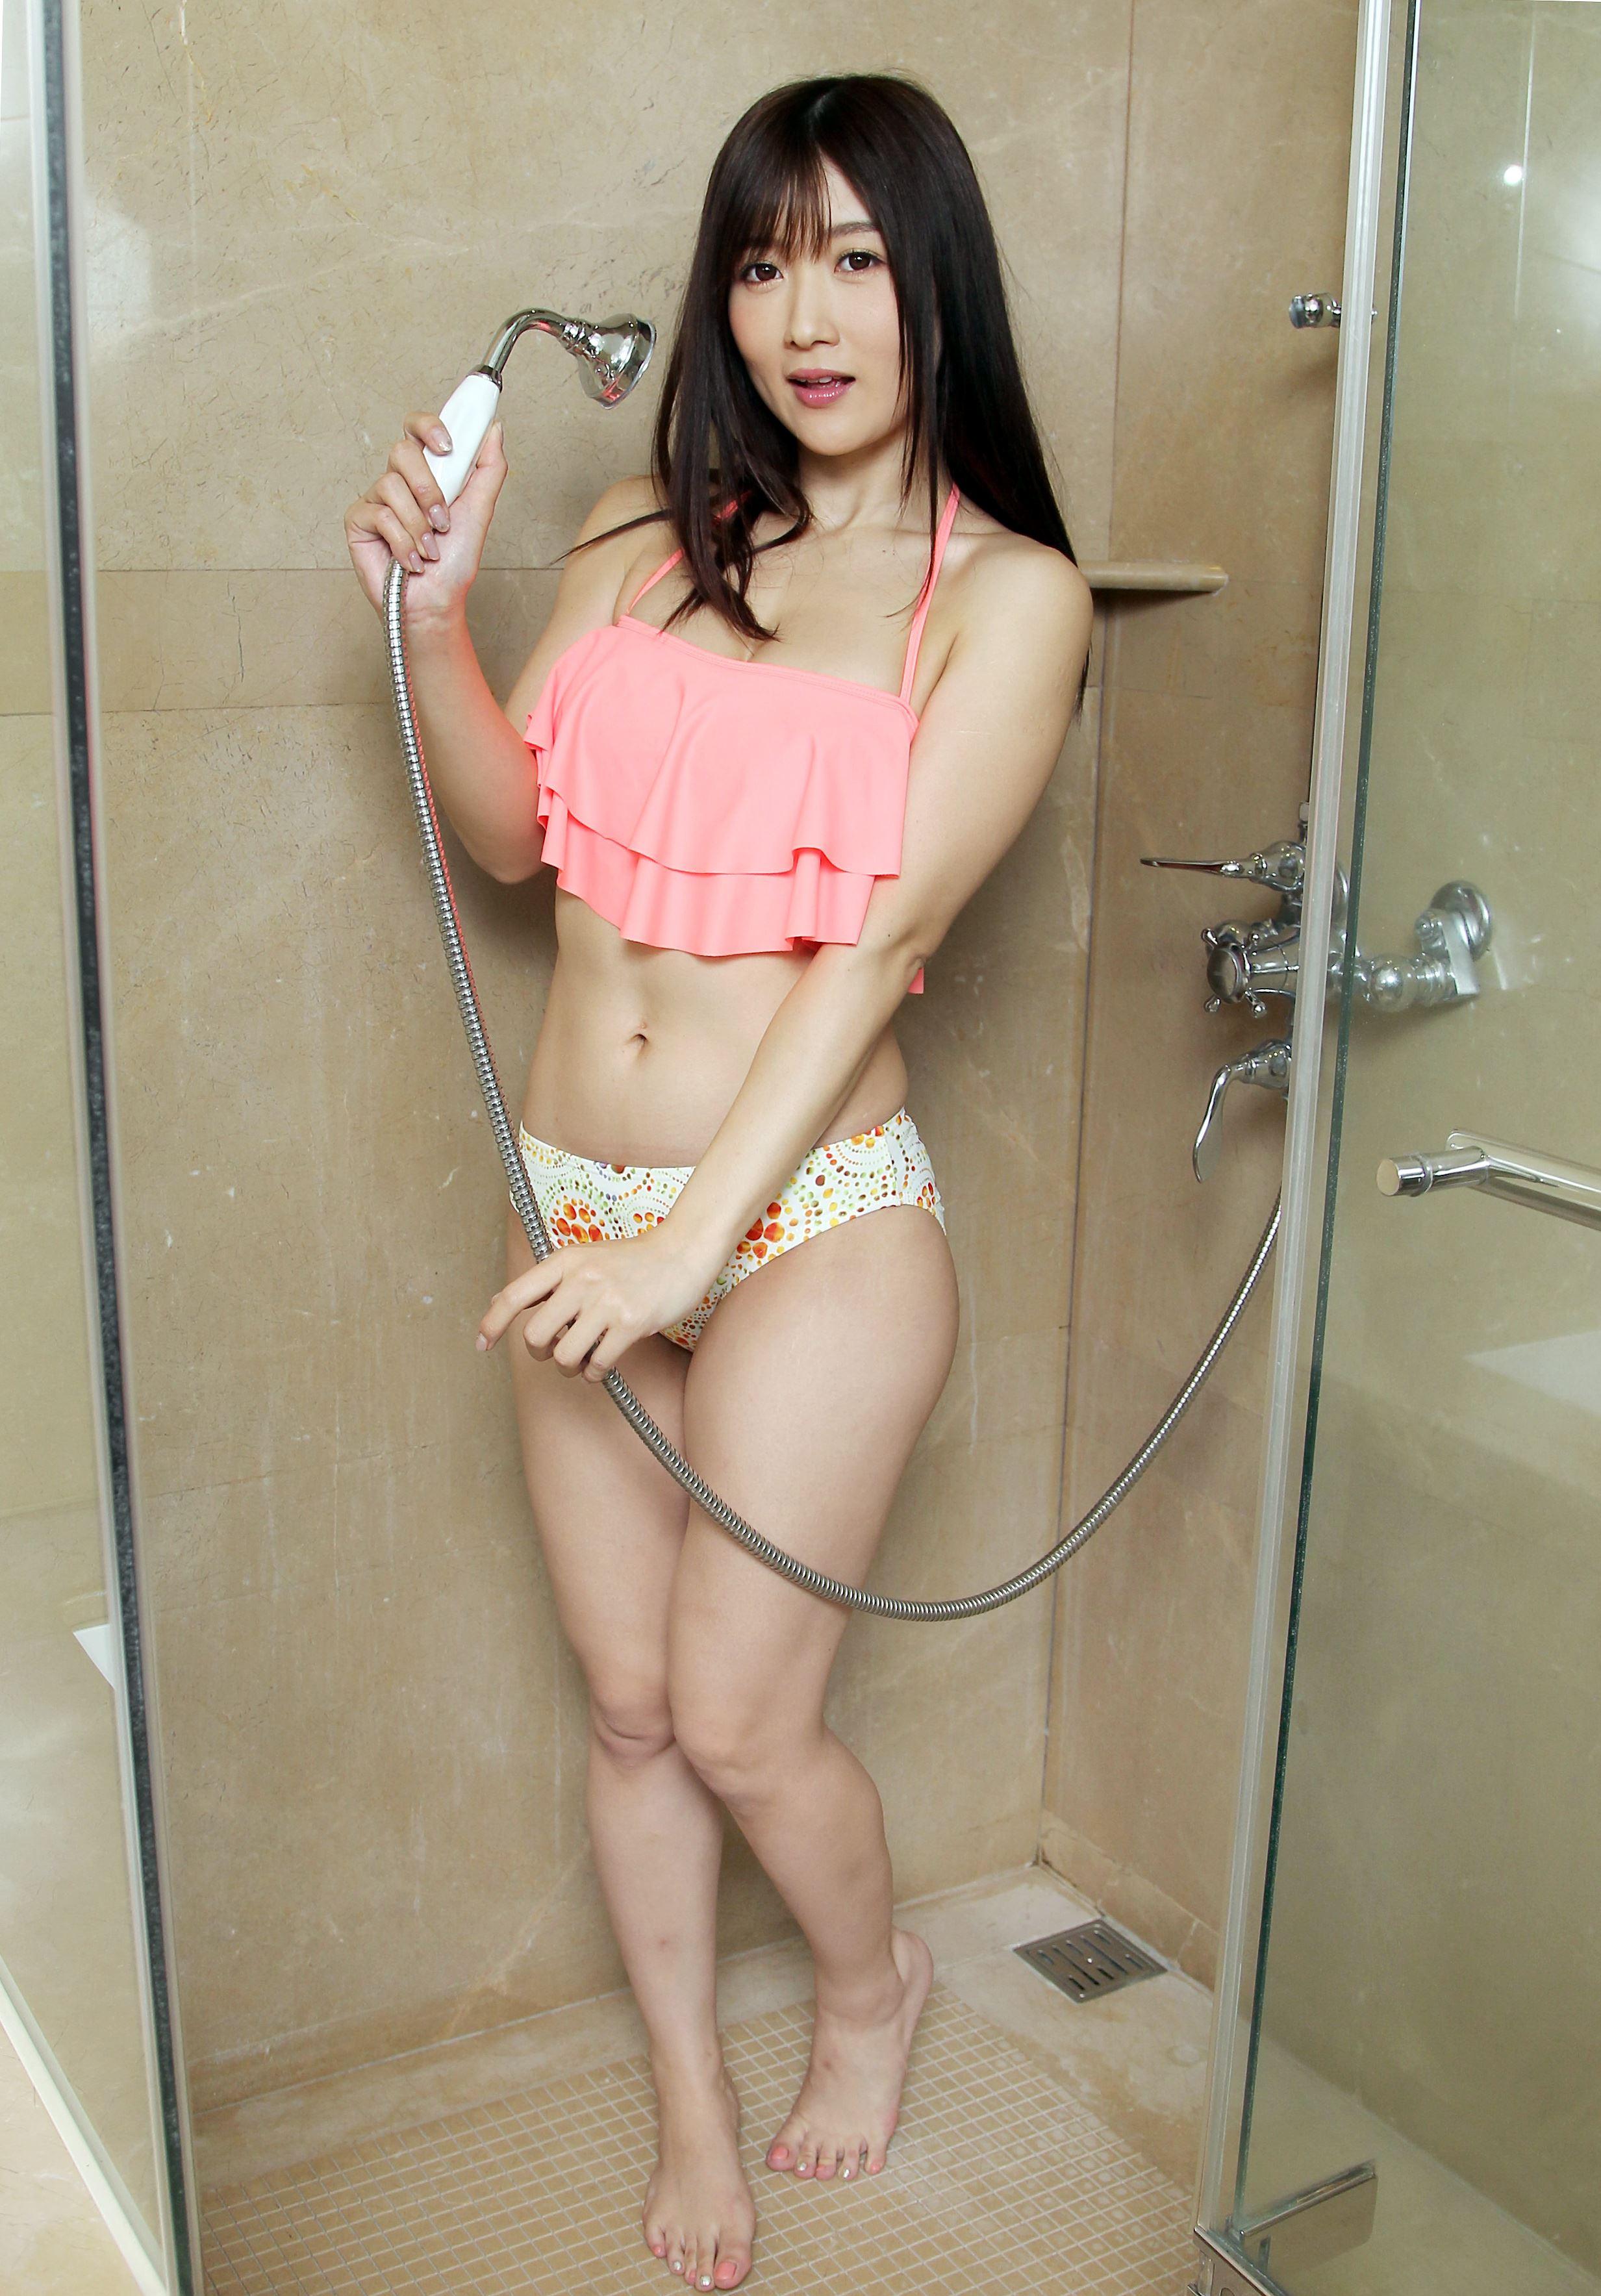 日本AV女優大槻響笑容可愛、外型亮麗,擁有35D的惹火好身材,以性感俏皮的小惡魔形象,深受台灣粉絲喜愛。(記者邱榮吉/攝影)